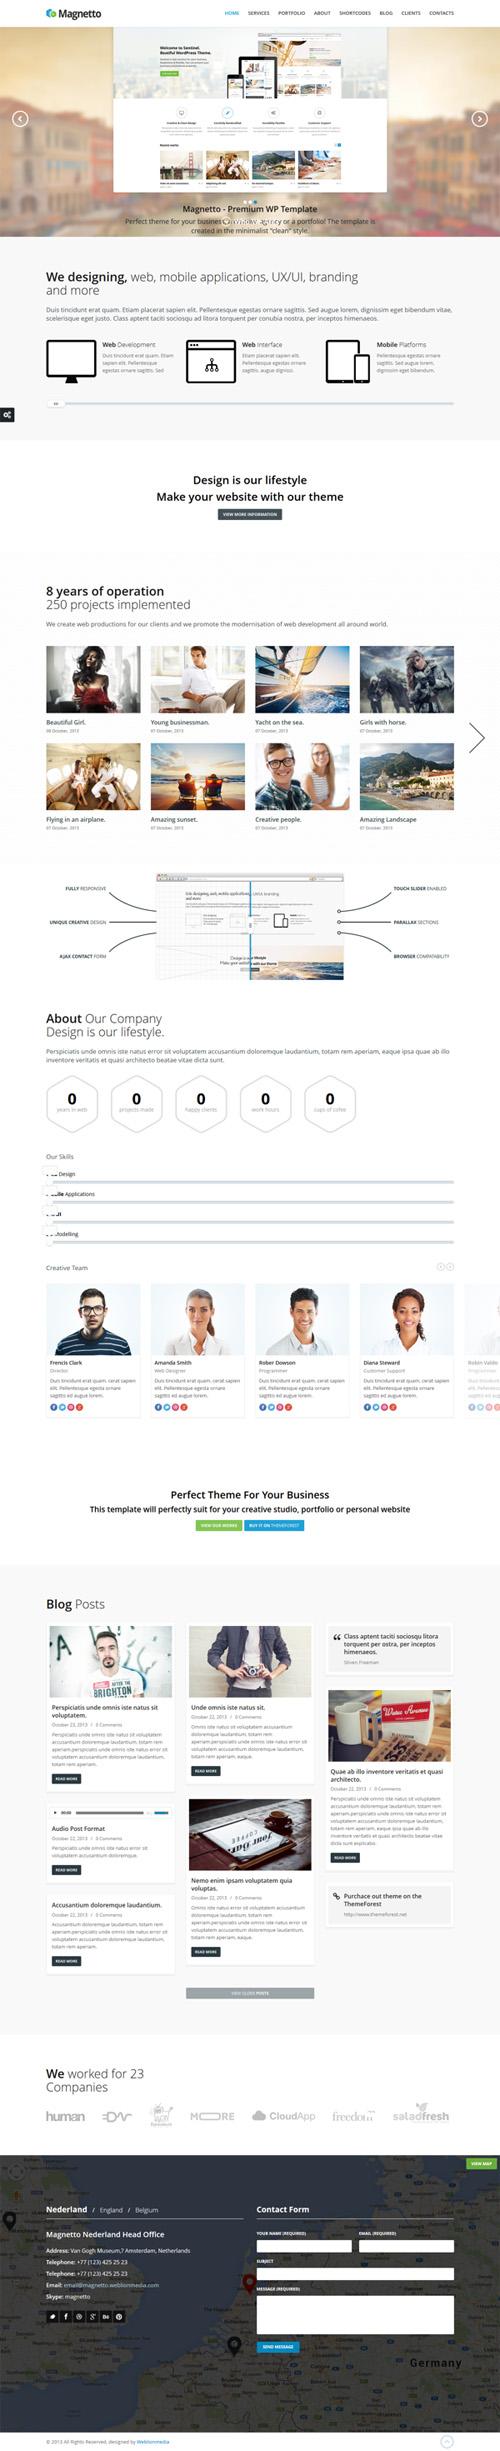 Magnetto - Onepage Parallax WordPress Theme